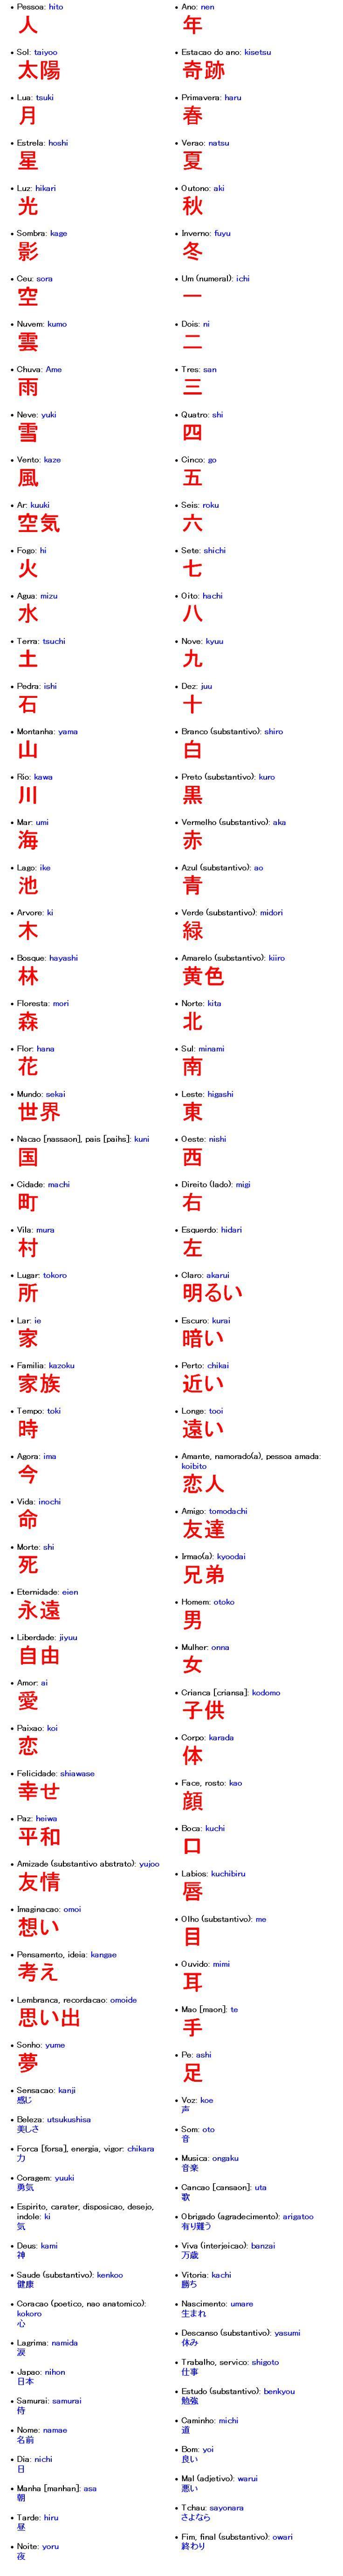 Alguns kanjis - Escrita Japonesa